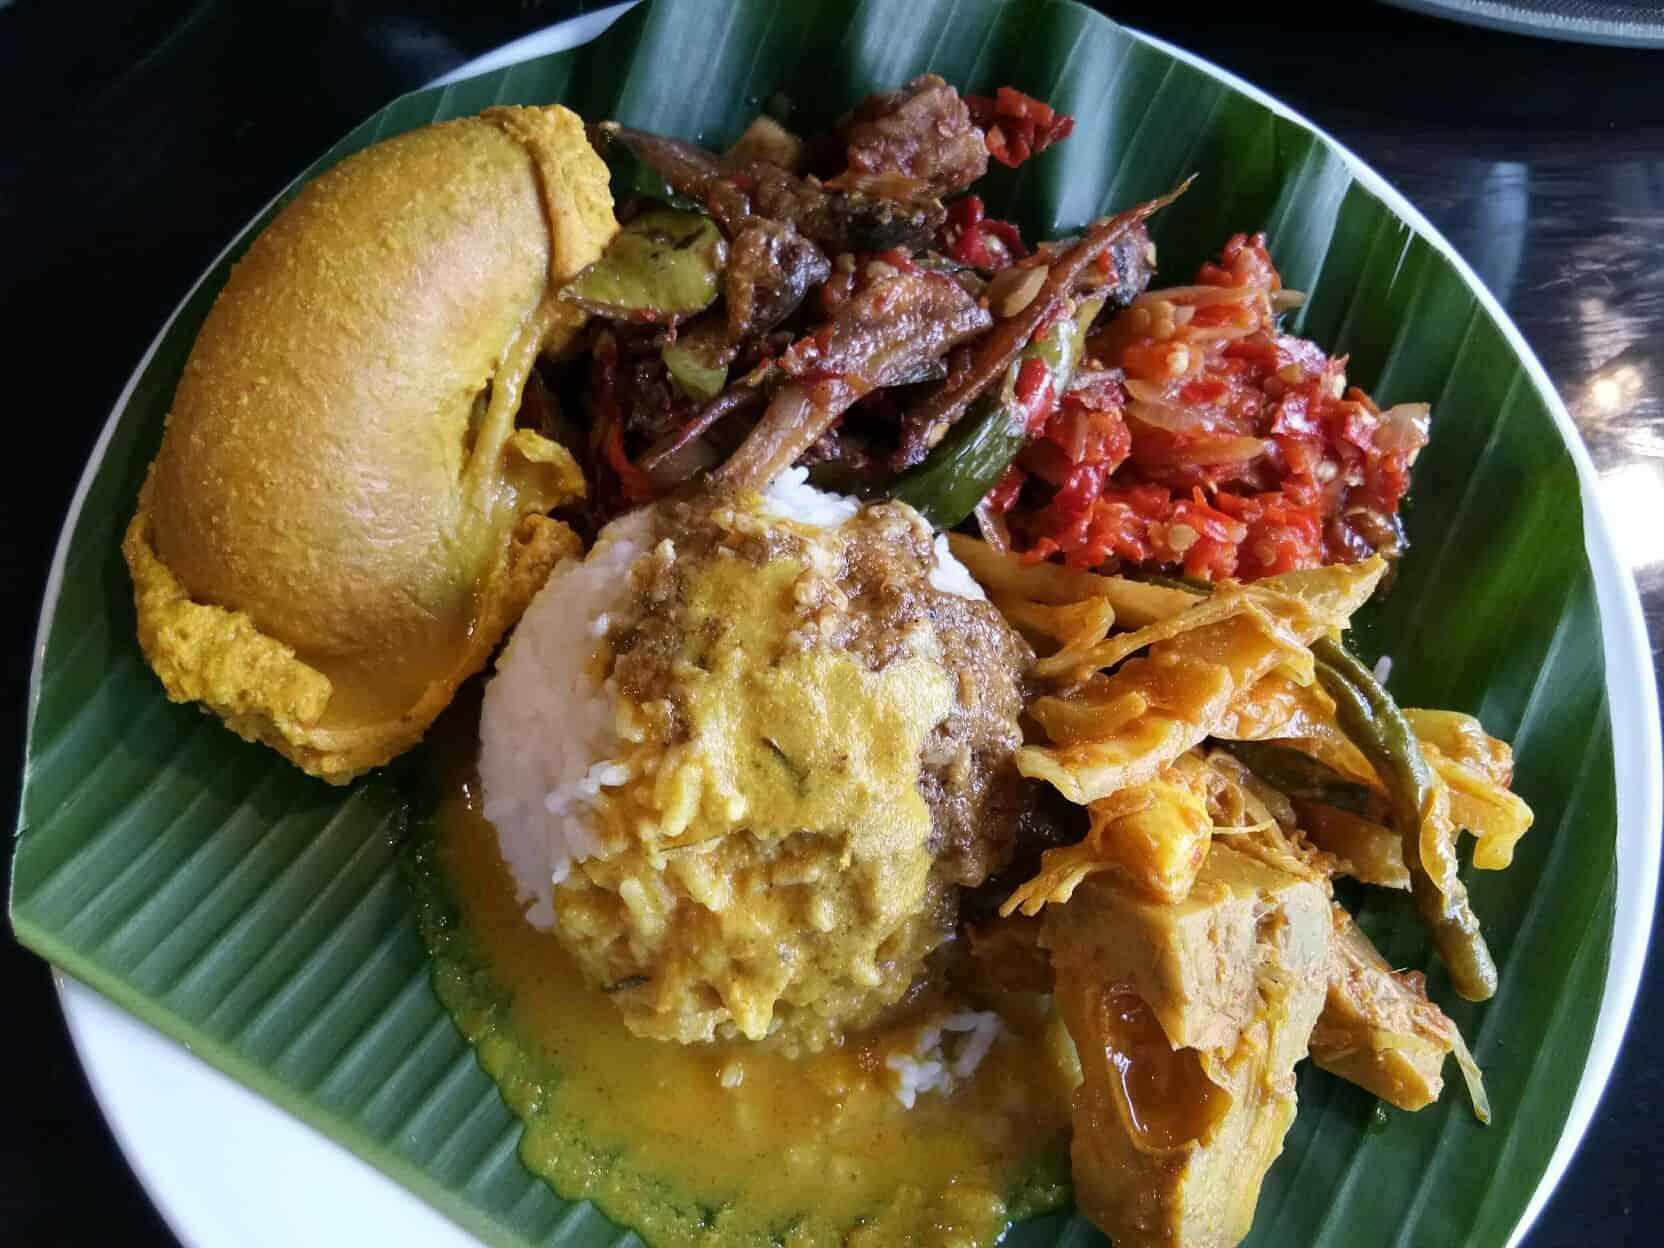 gambar makanan khas sumatera barat Nasi Kapau